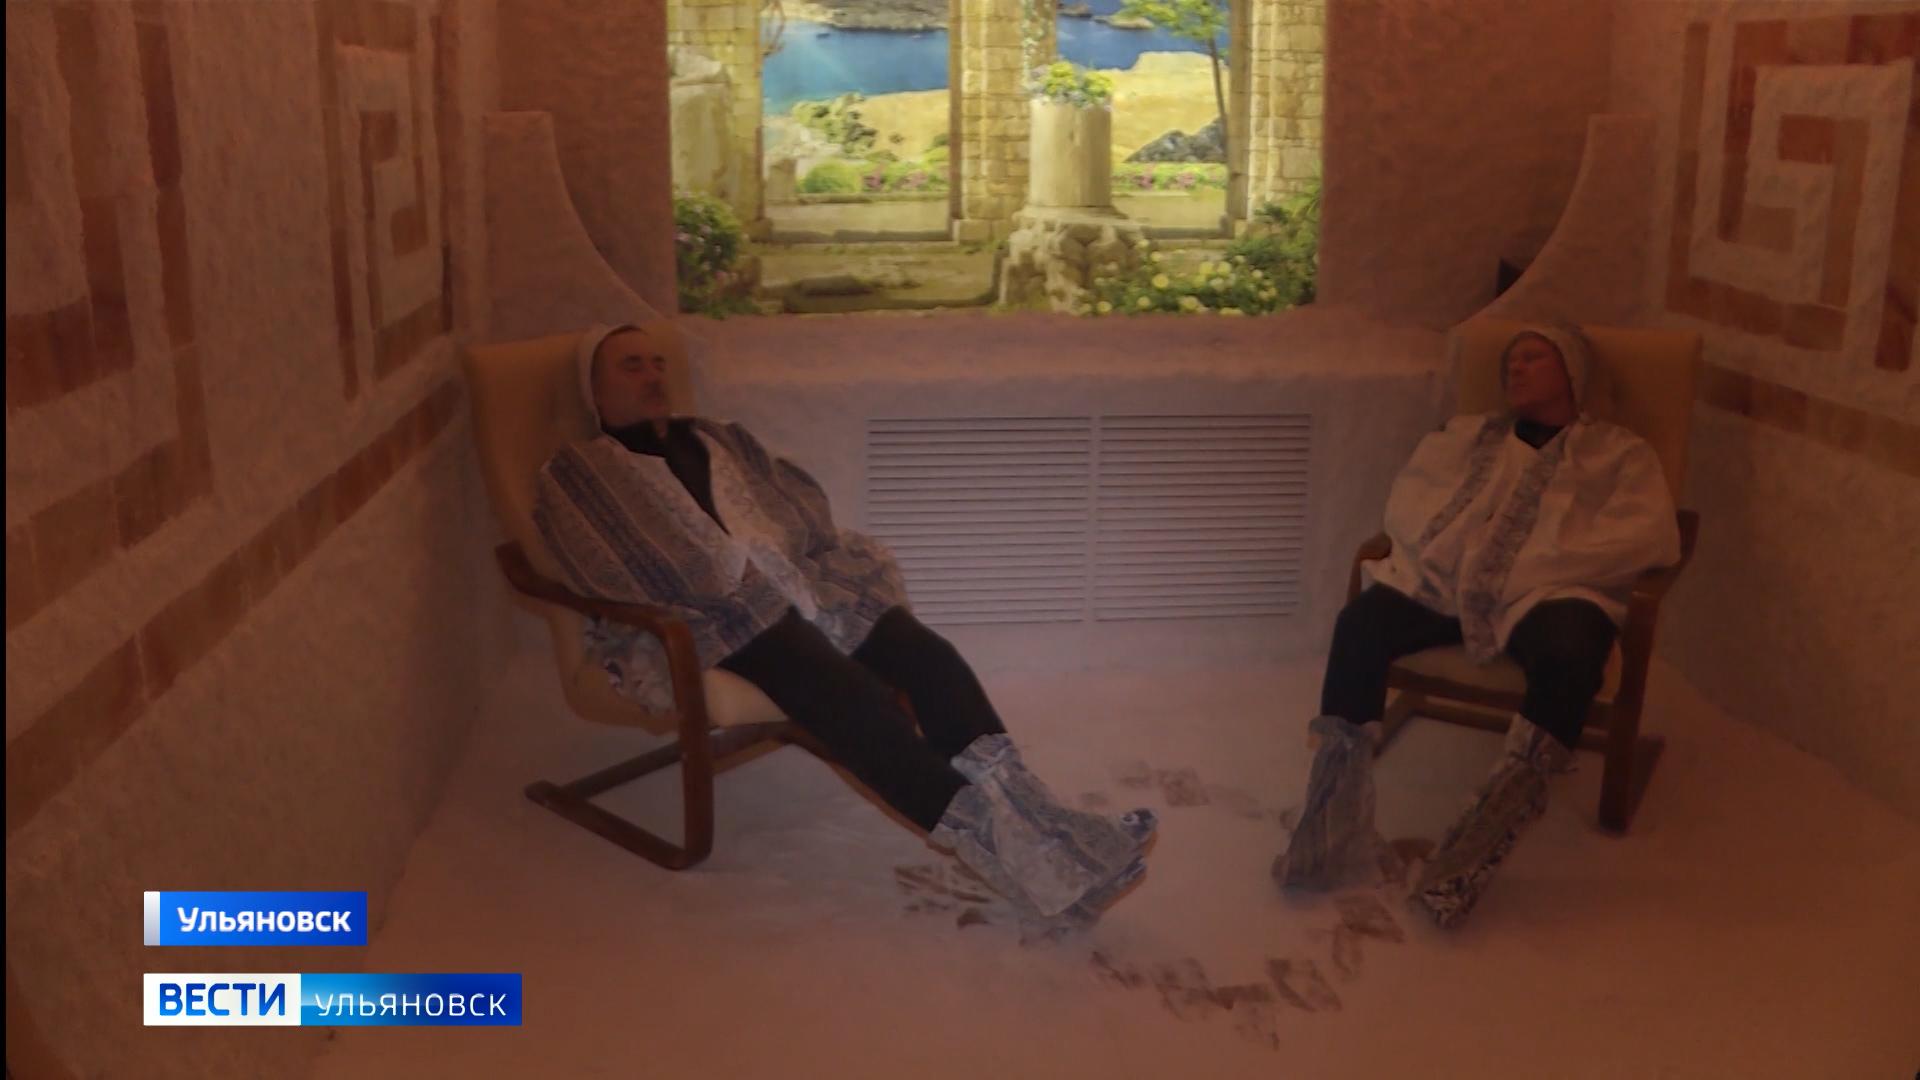 Мощнейший галогенератор поправляет здоровье ульяновцев в Центре профессиональных патологий